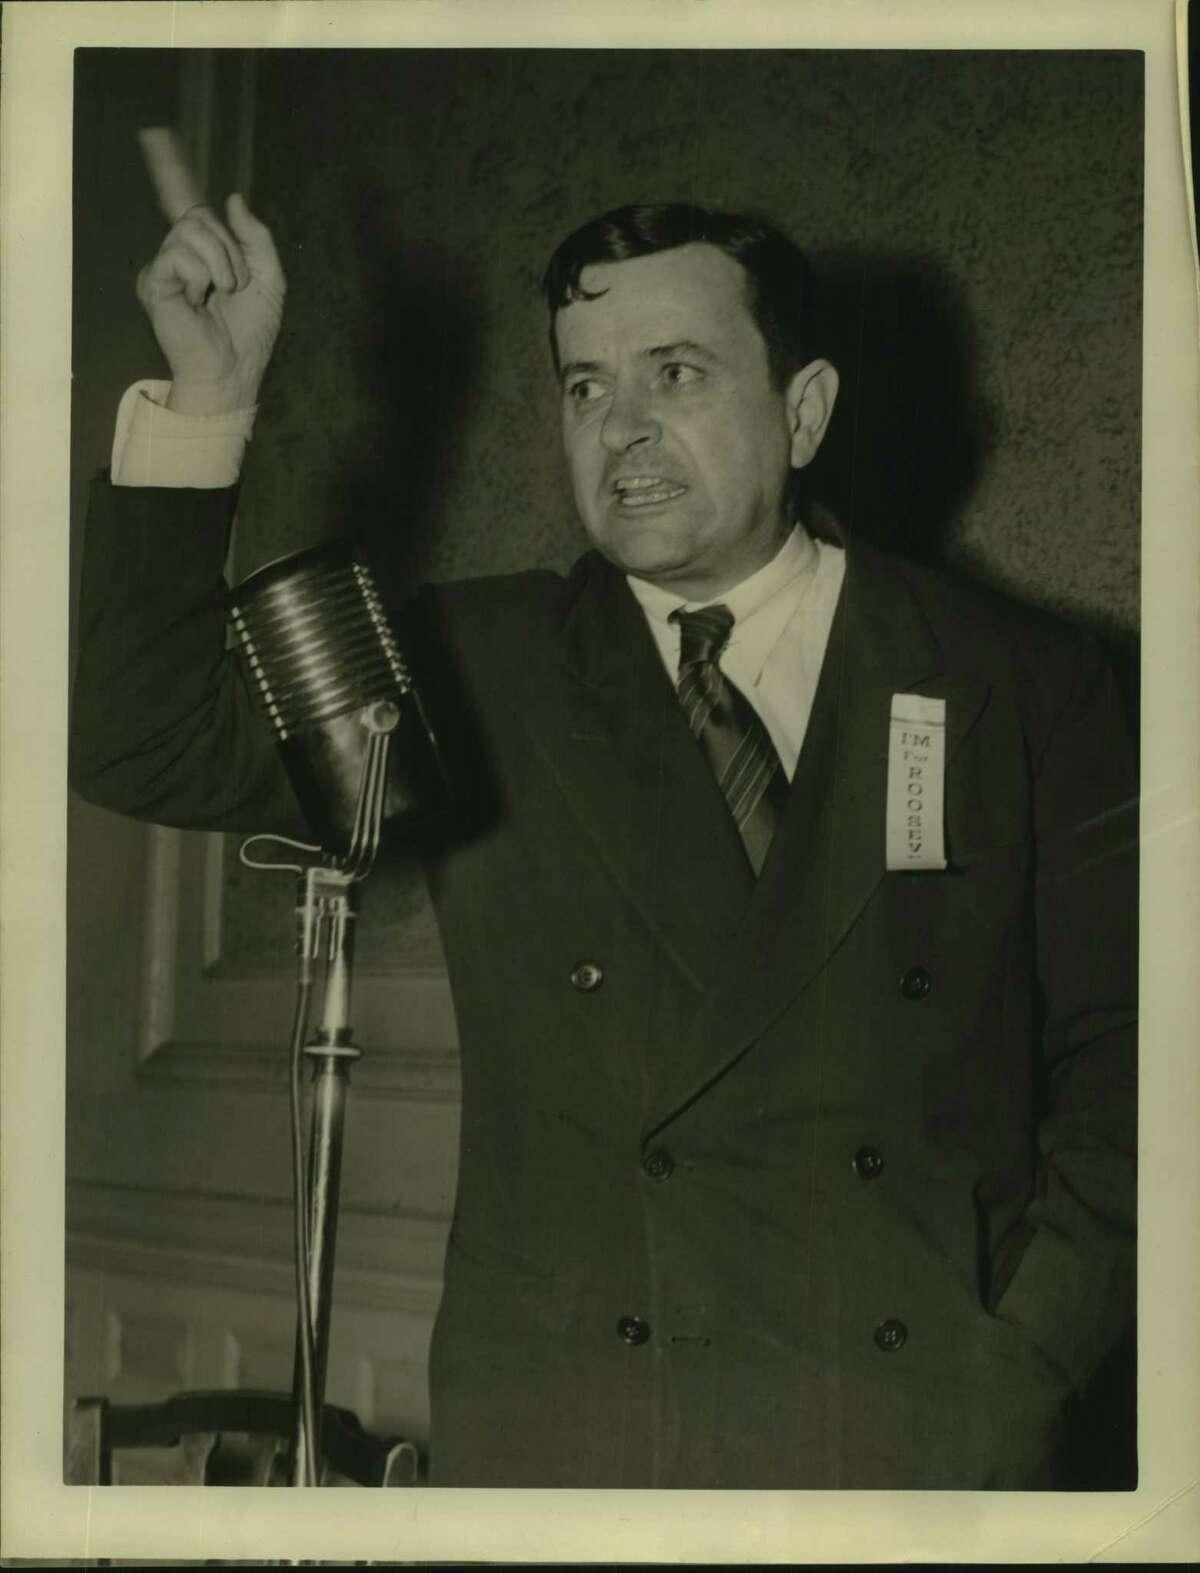 Texas Gov. James V. Allred